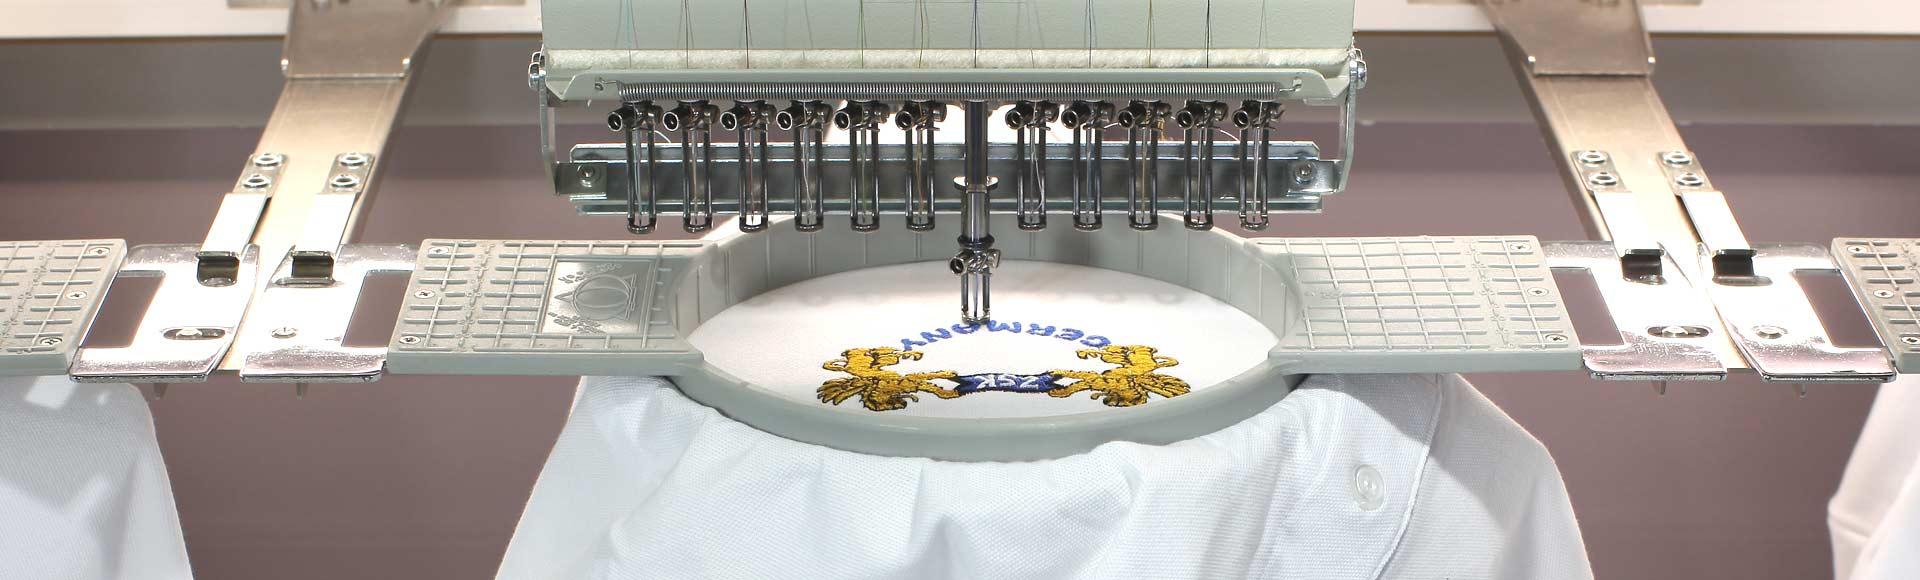 Professionelle Stickrahmen aus Kunststoff für ZSK Stickmaschinen